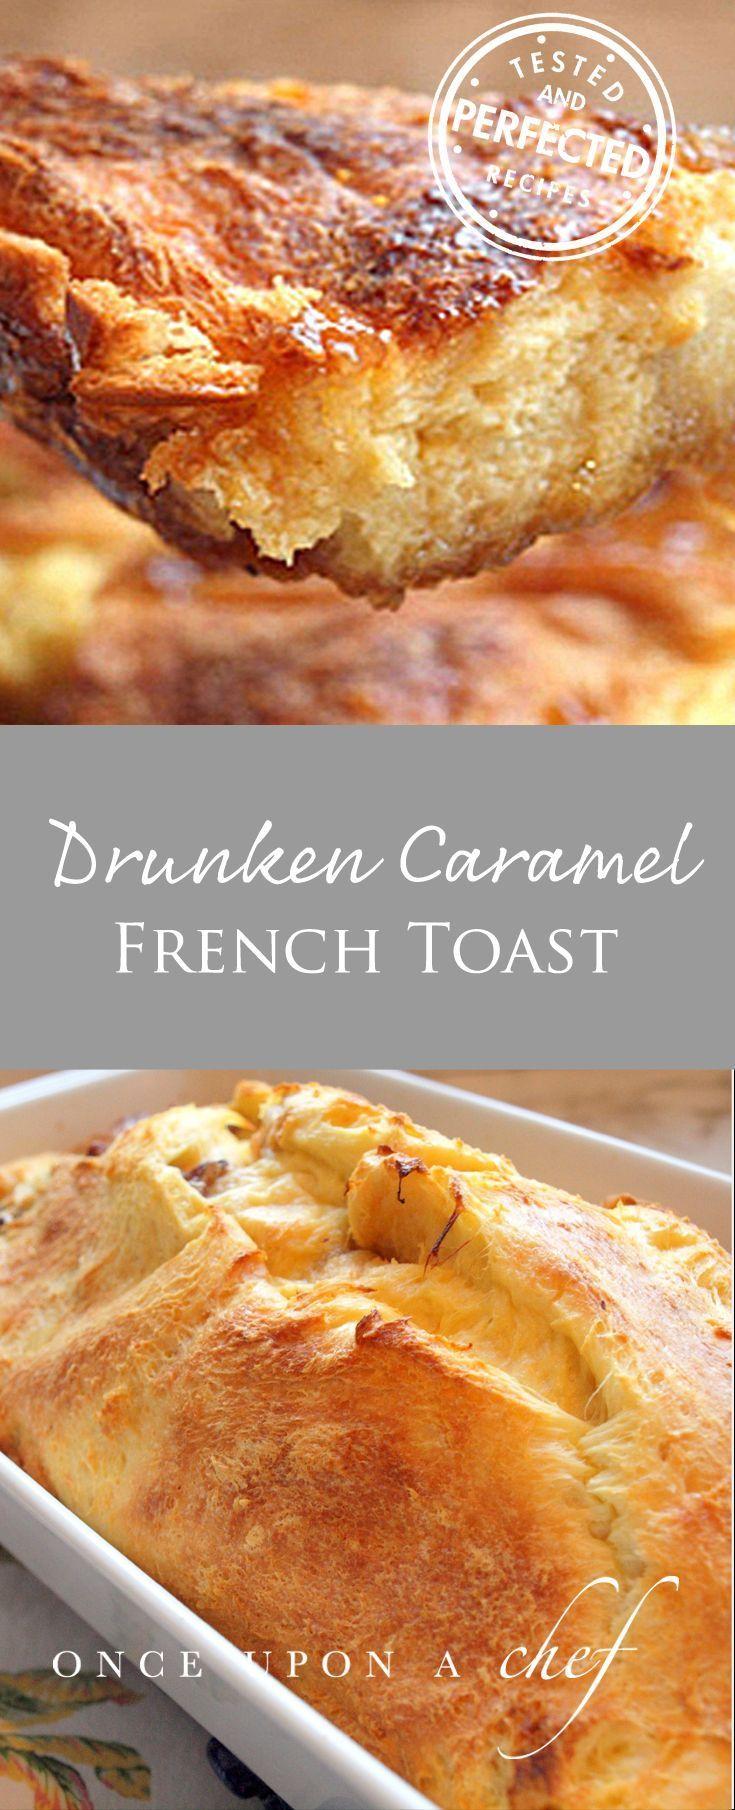 Drunken Caramel French Toast | #frenchtoast #caramel